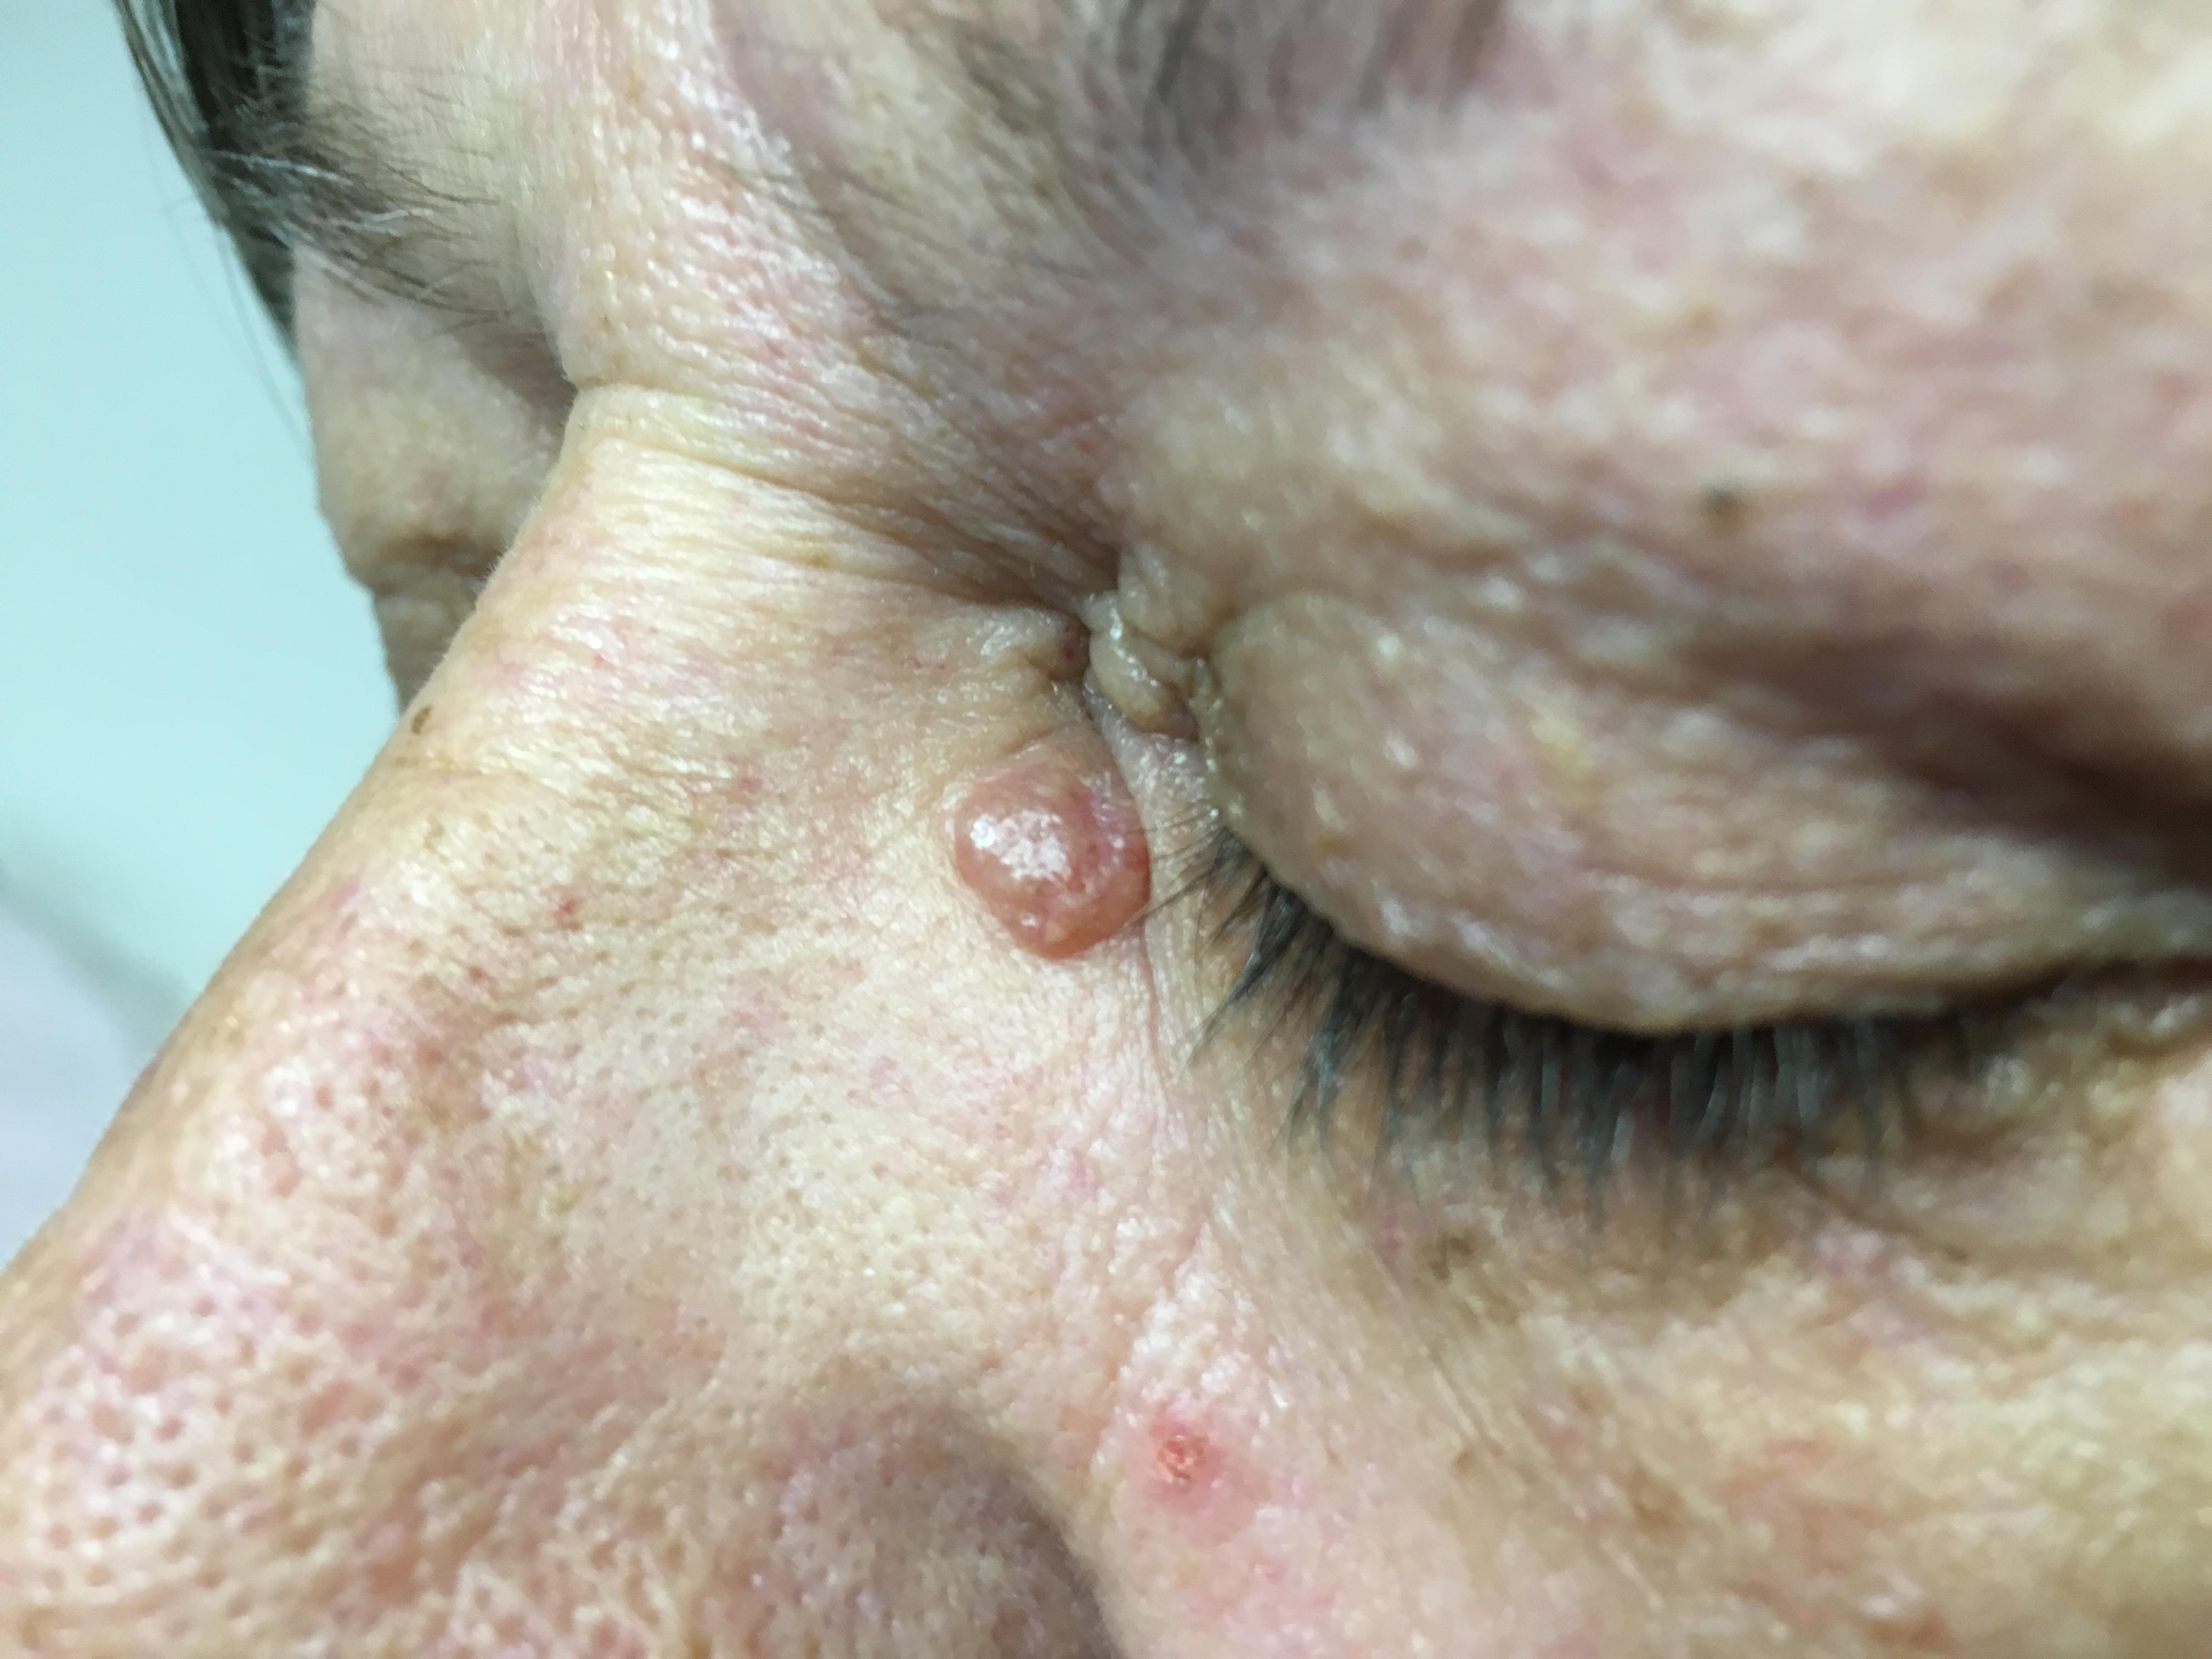 BCC adjacent to inner part of left eye